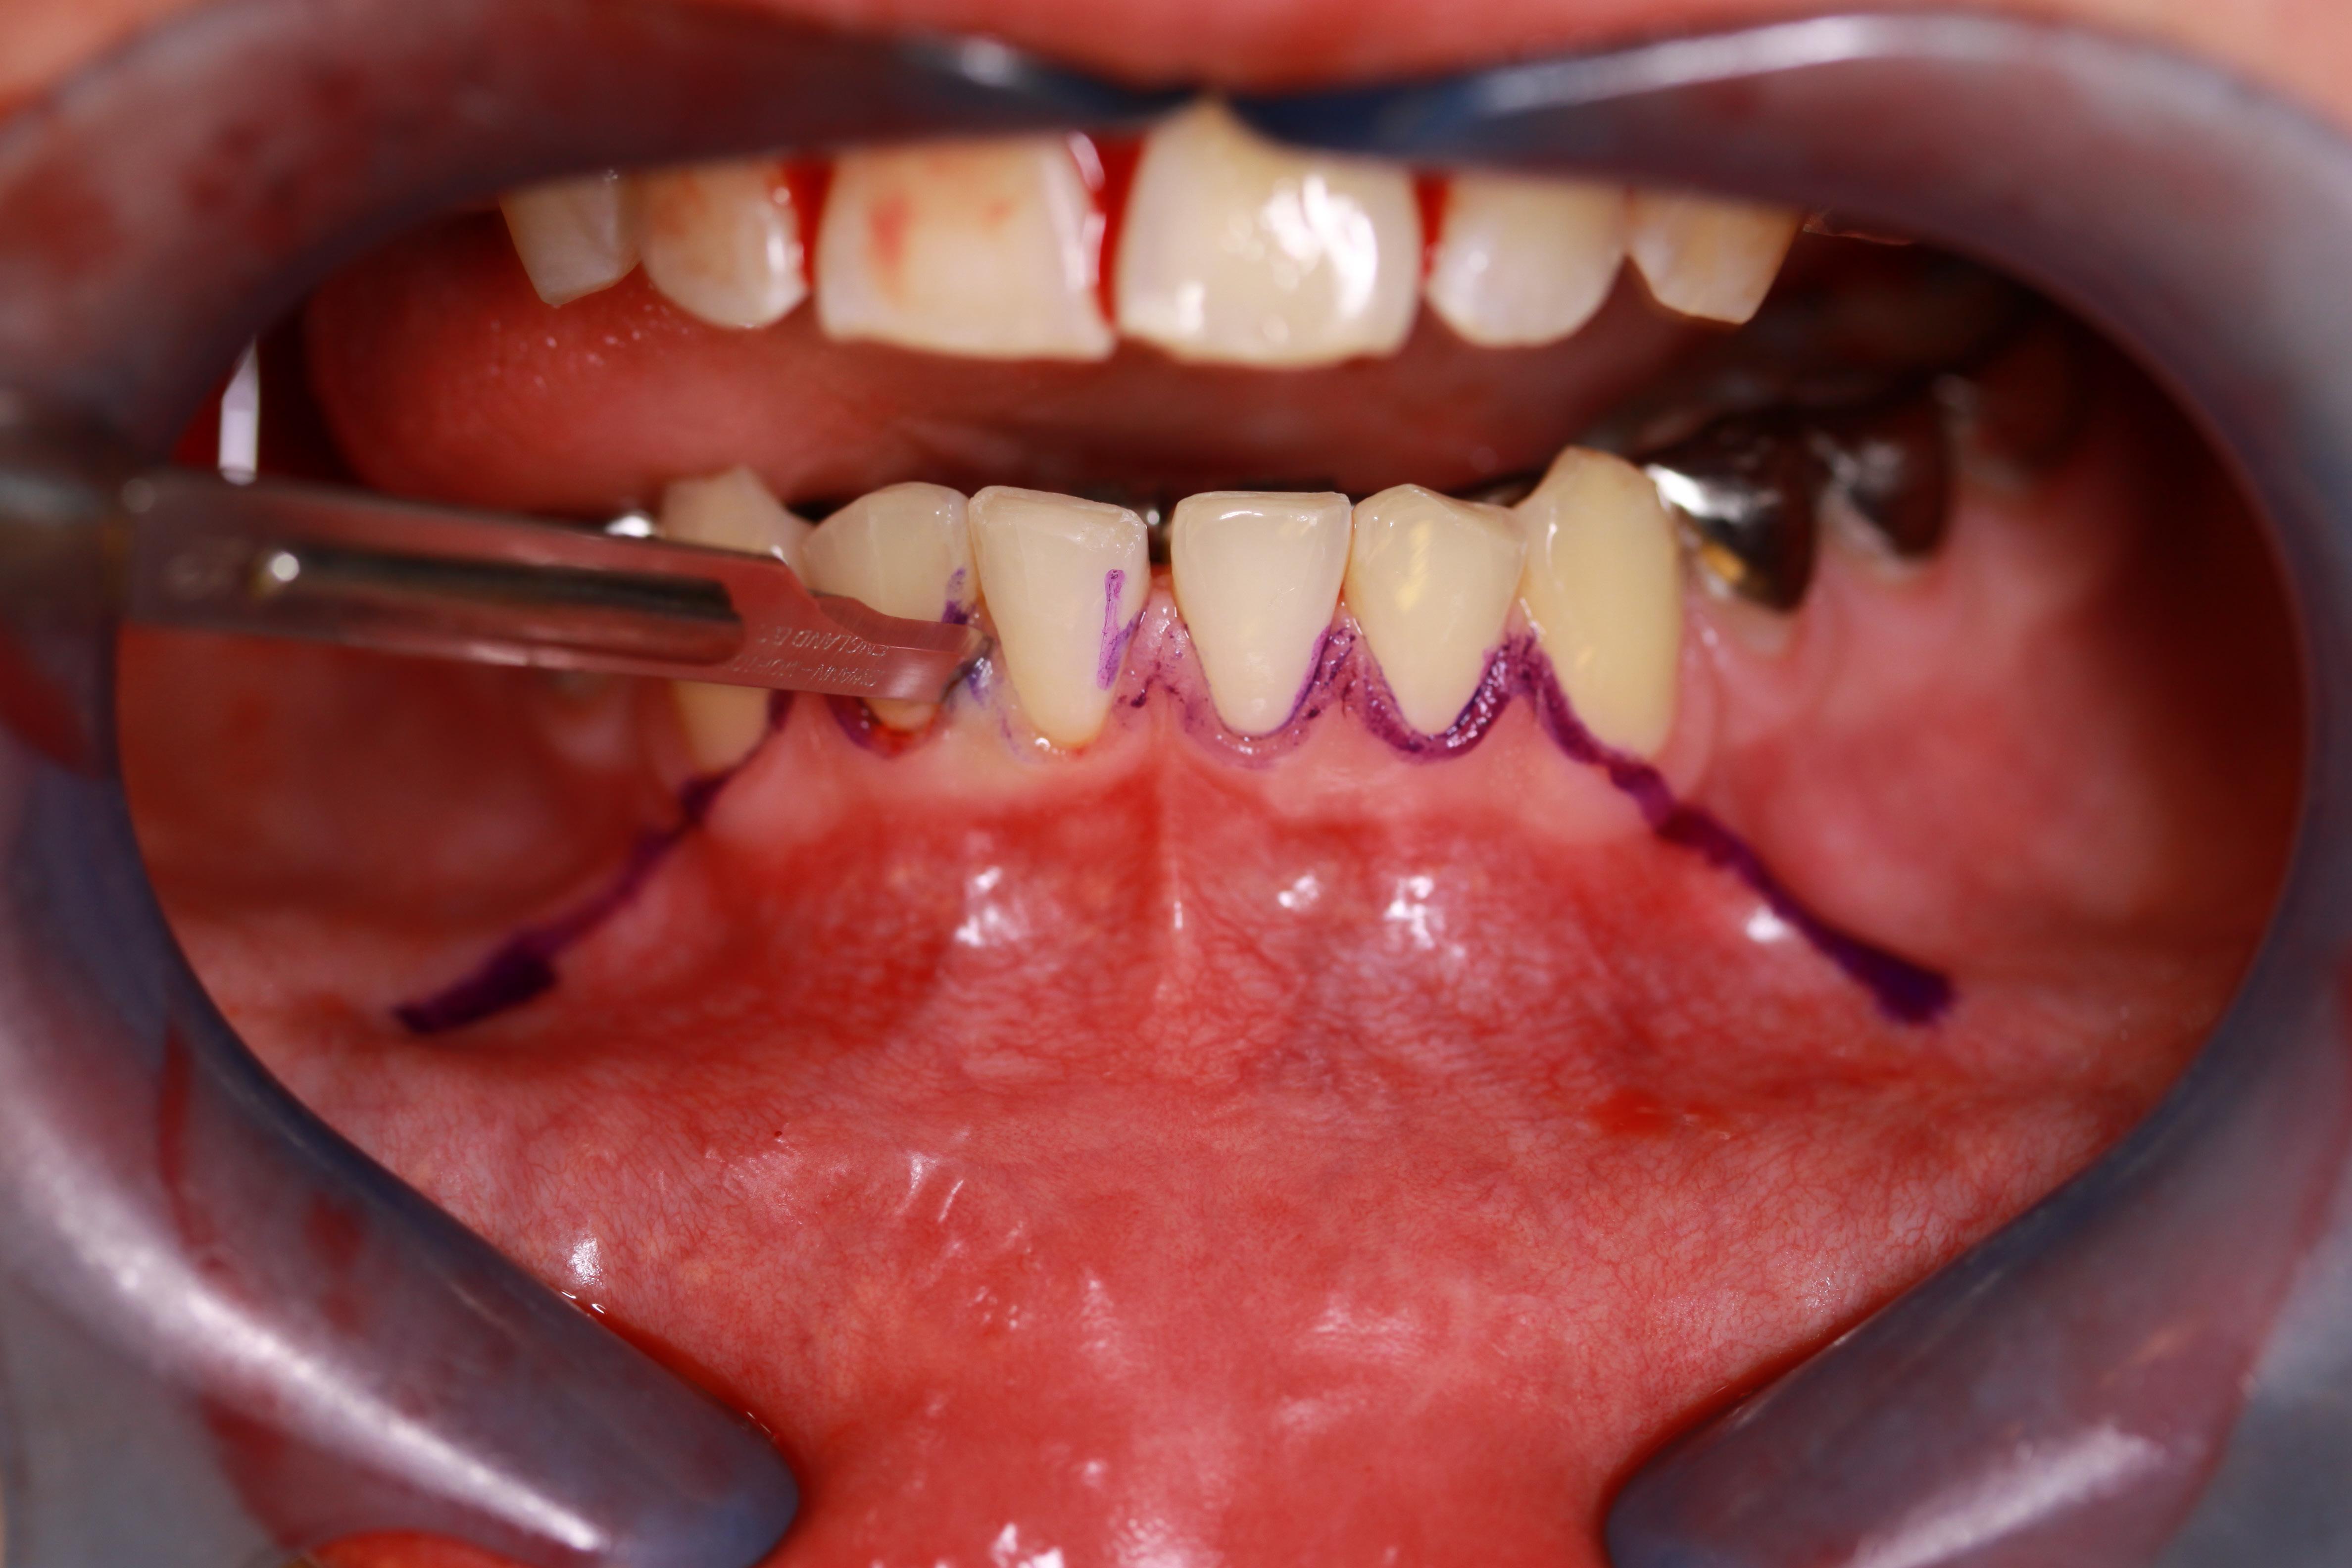 Рис. 9. Разрез во фронтальном отделе по сосочкам зубов.